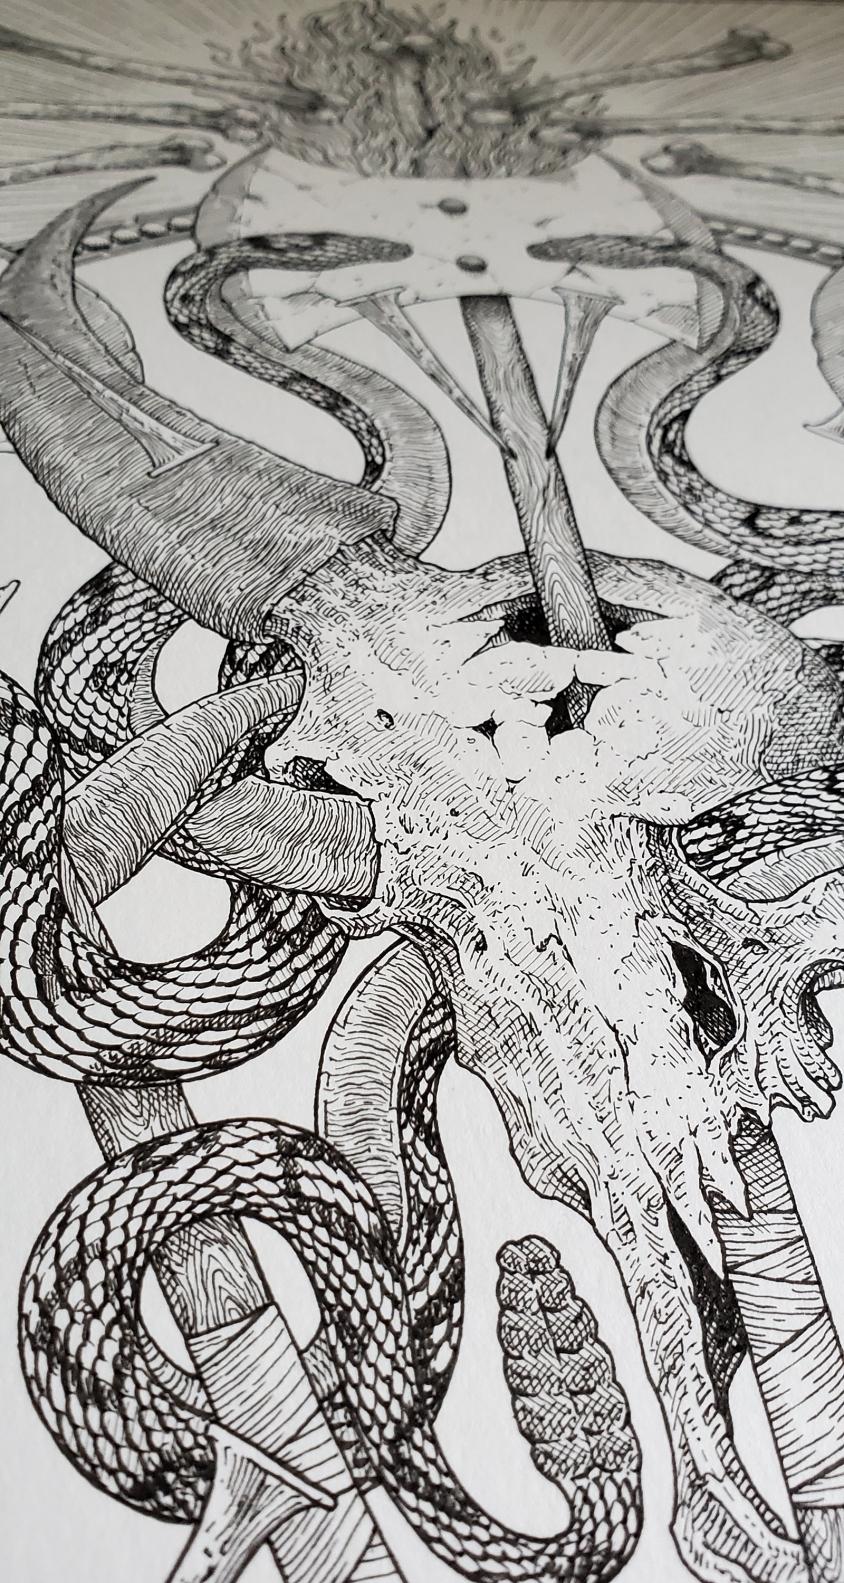 baxter_linework2.jpg, Adrian Baxter